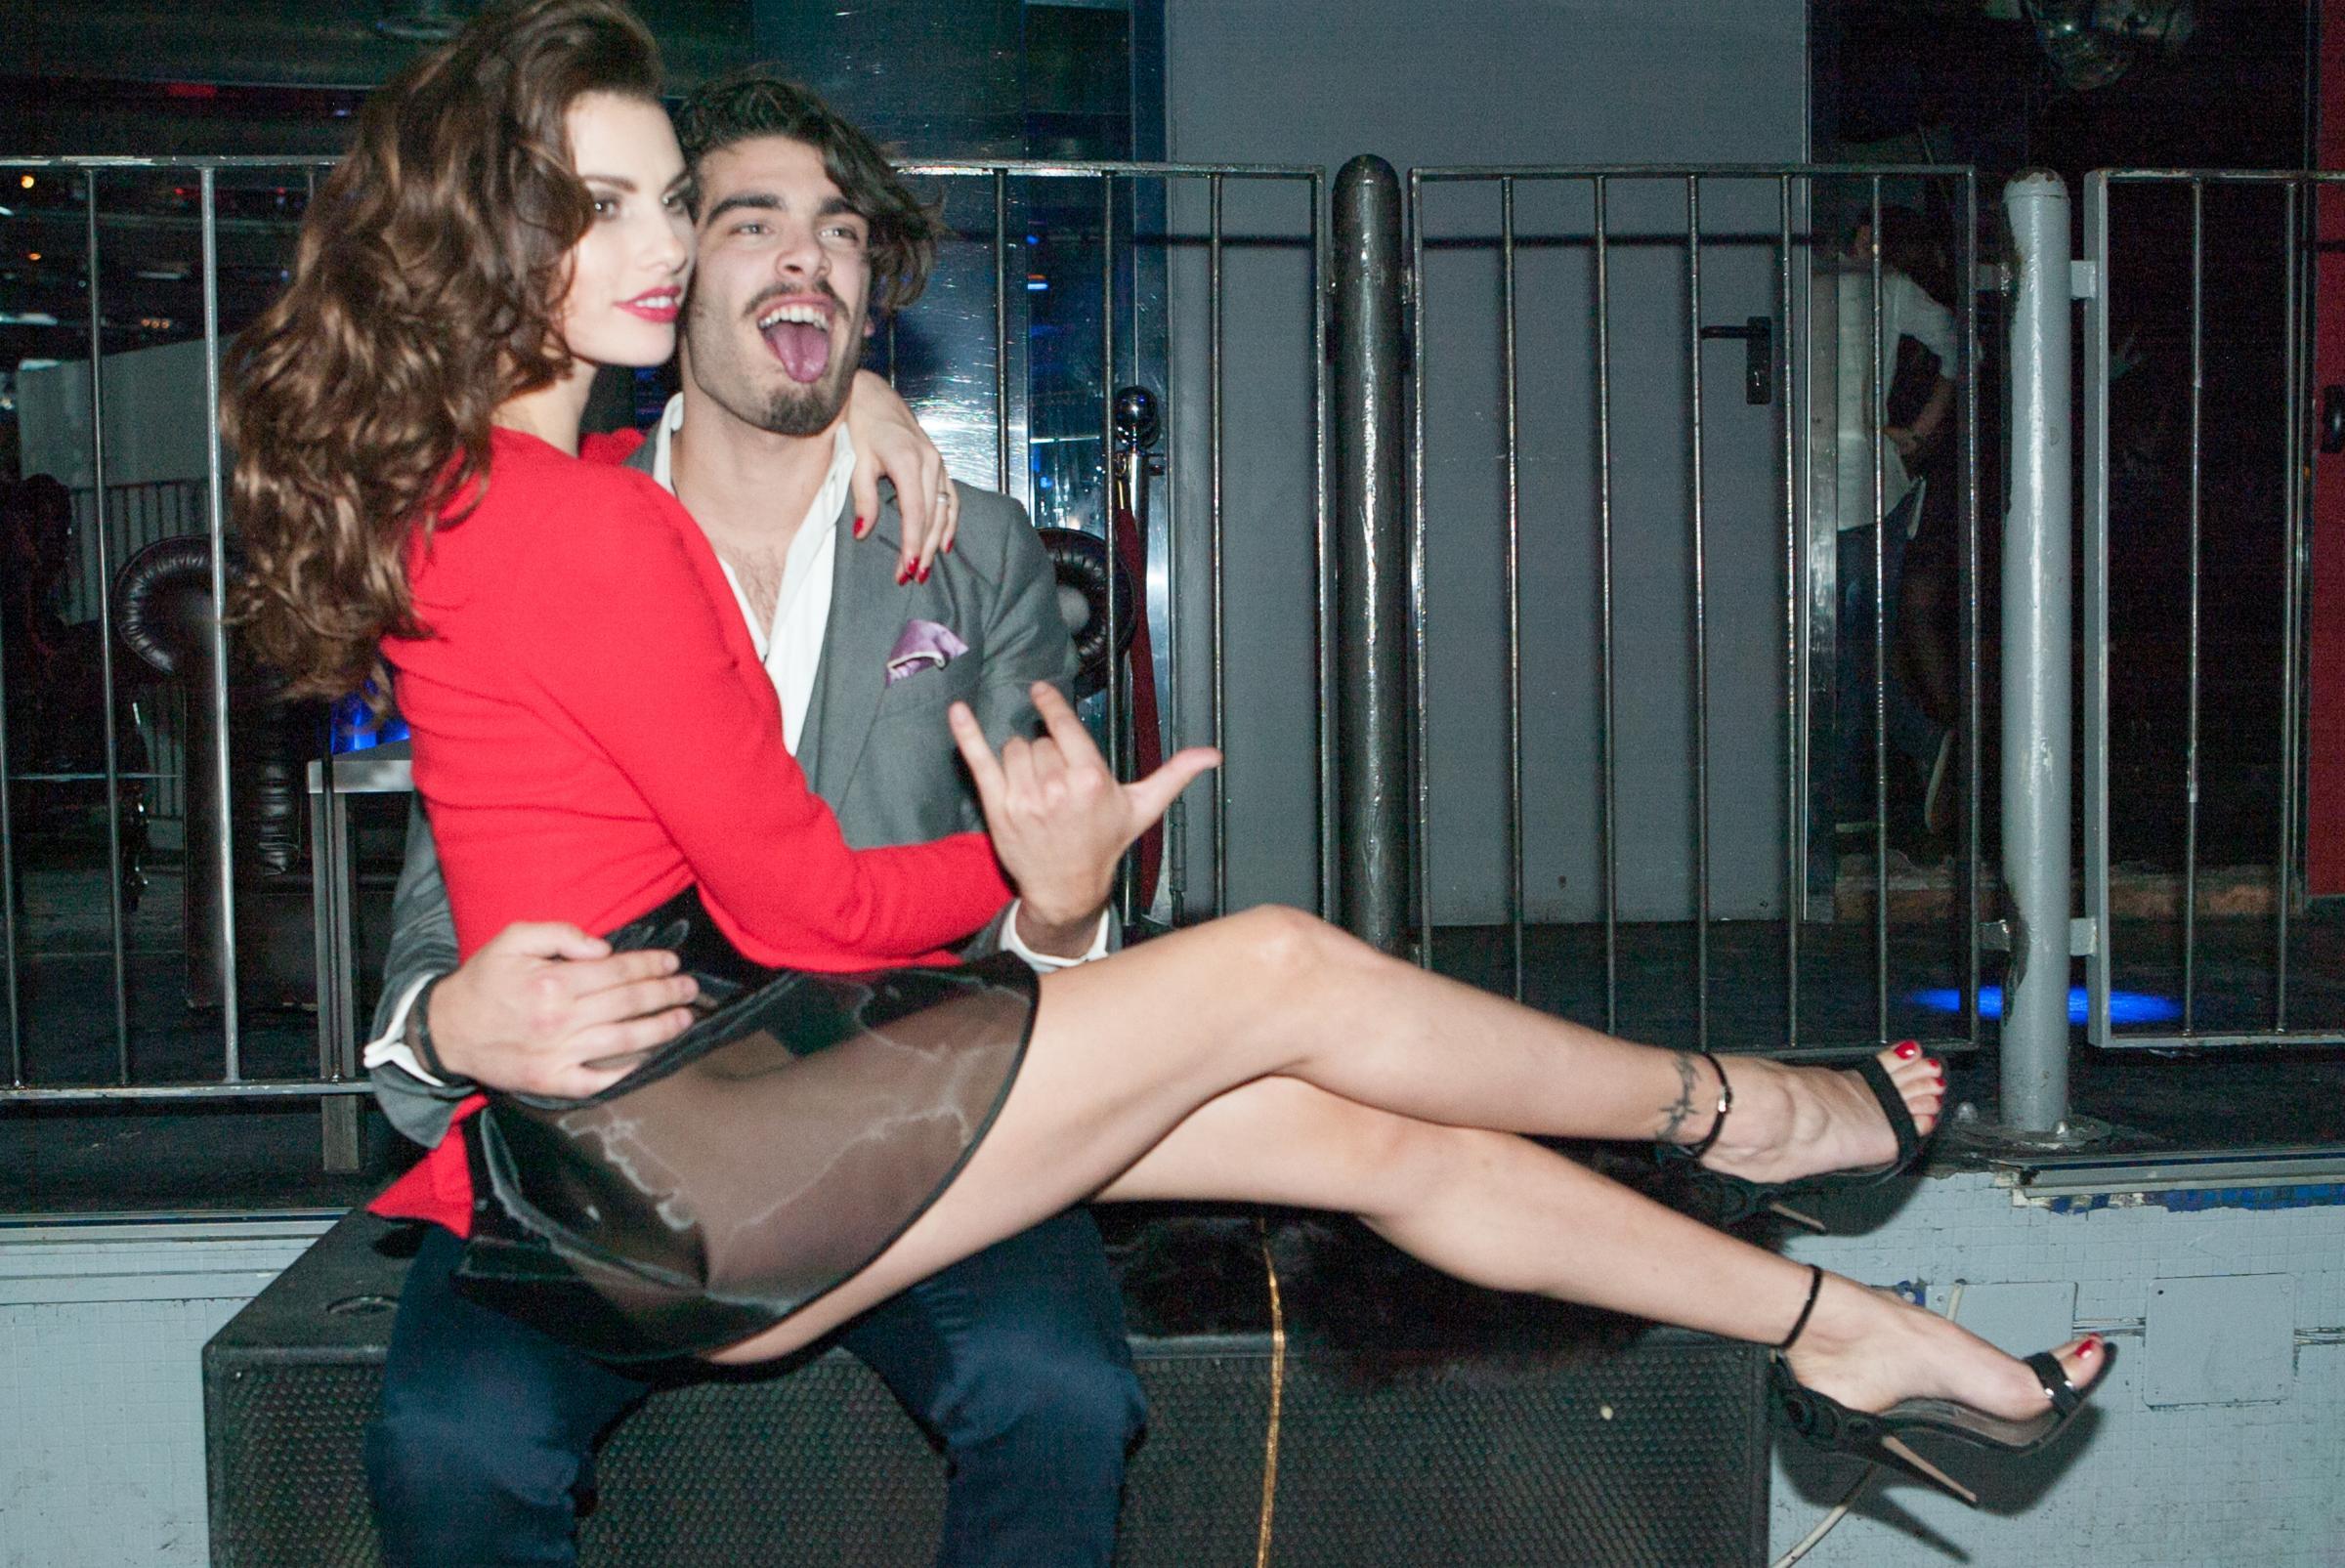 Dayane Mello Calendario For Men.Dayane Mello Da Ballando Con Le Stelle Al Calendario Hot